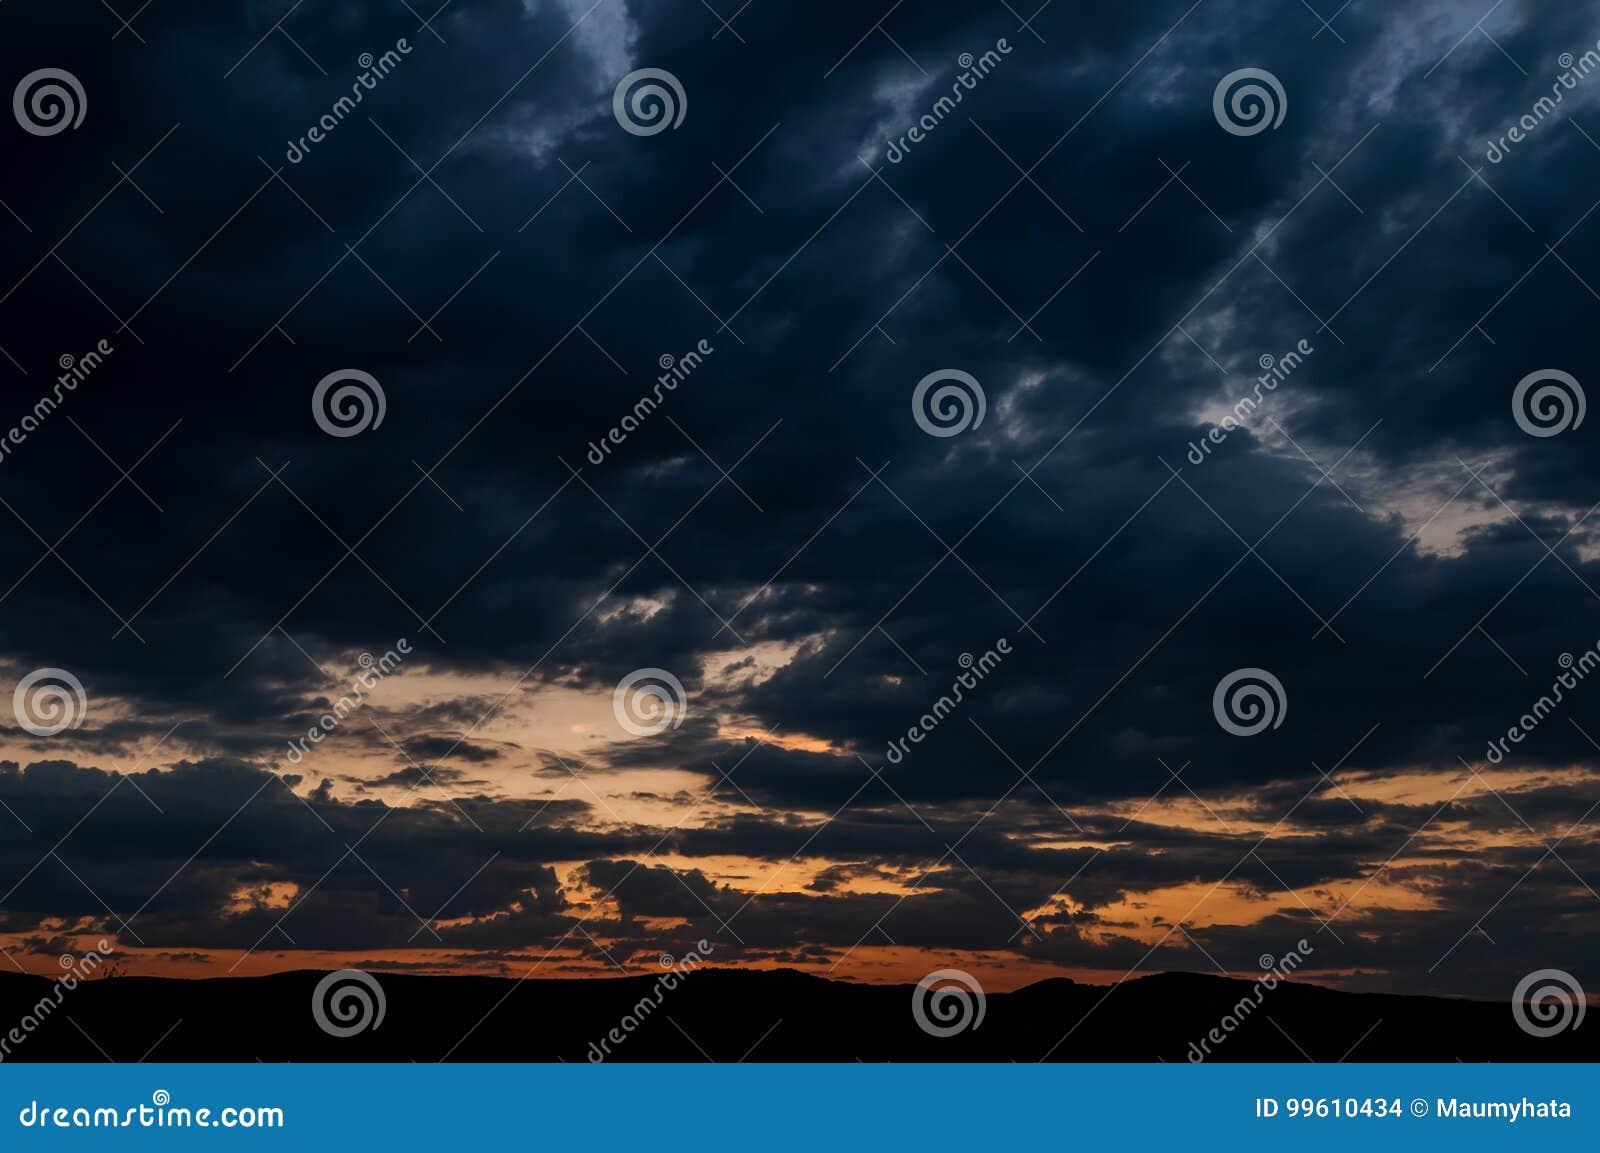 Innenarchitektur Heller Boden Ideen Von Pattern Natürlicher Sonnenuntergang-sonnenaufgang über Feld Oder Wiese